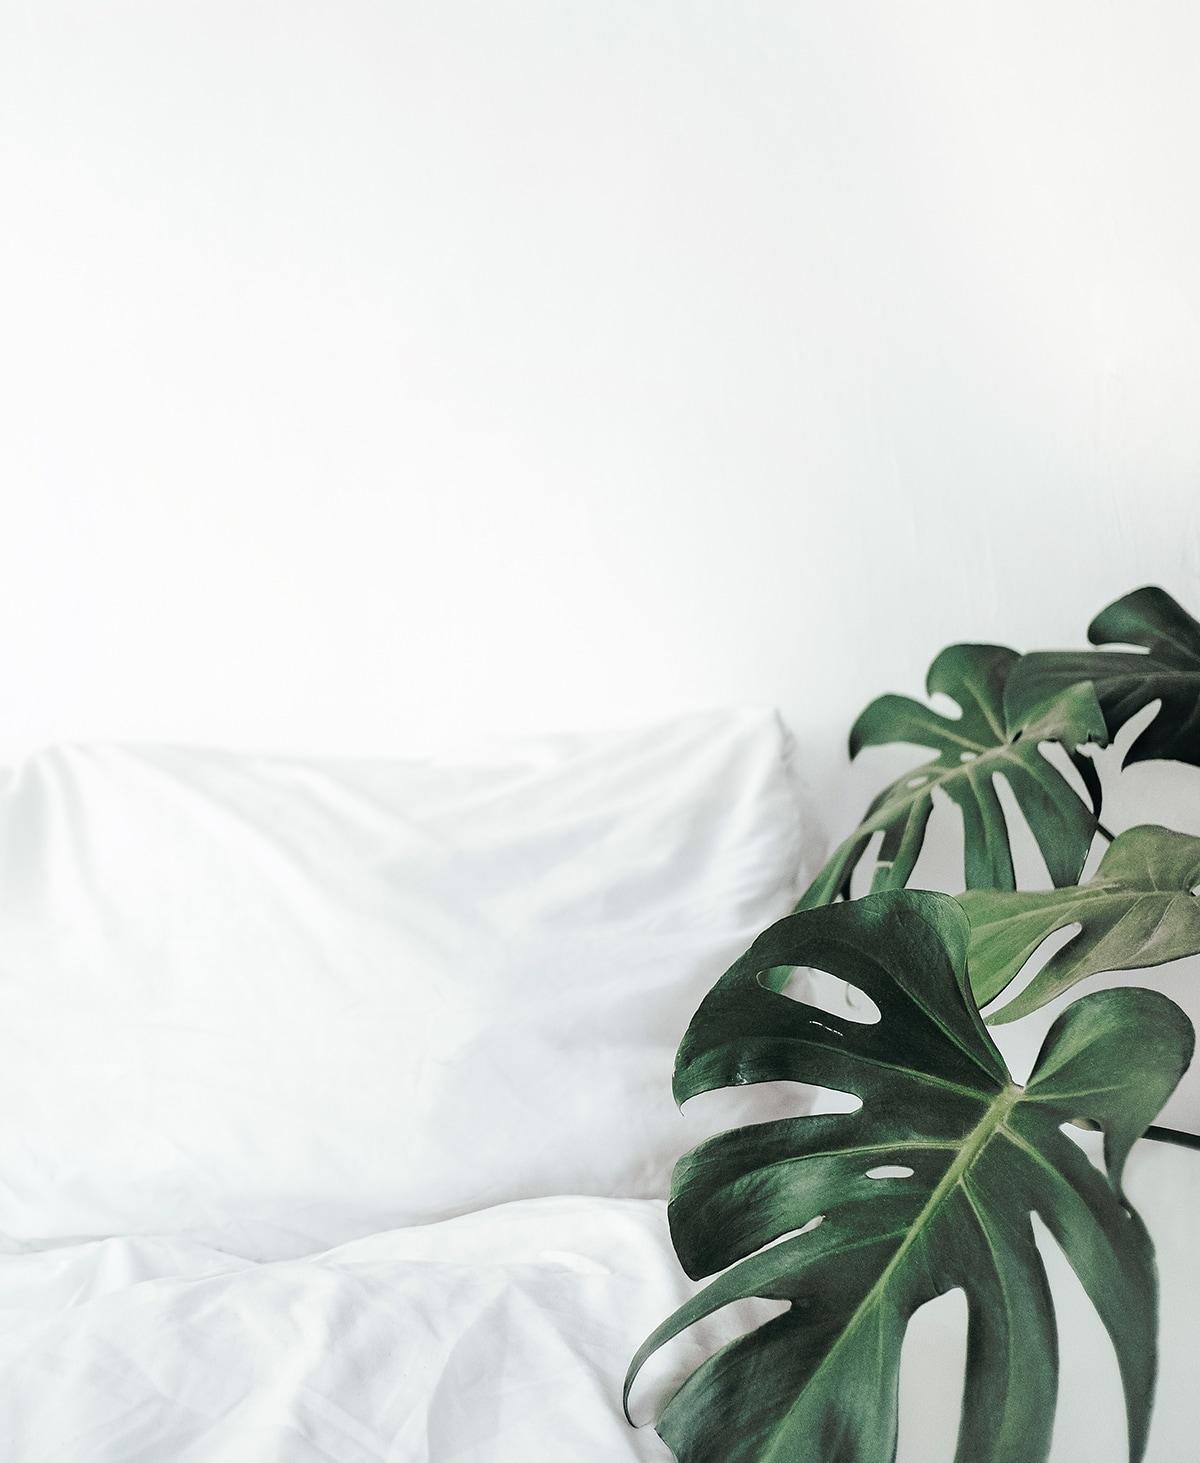 Daunendecke und Federkissen in weißer Bettwäsche mit zwei Monstera Blättern